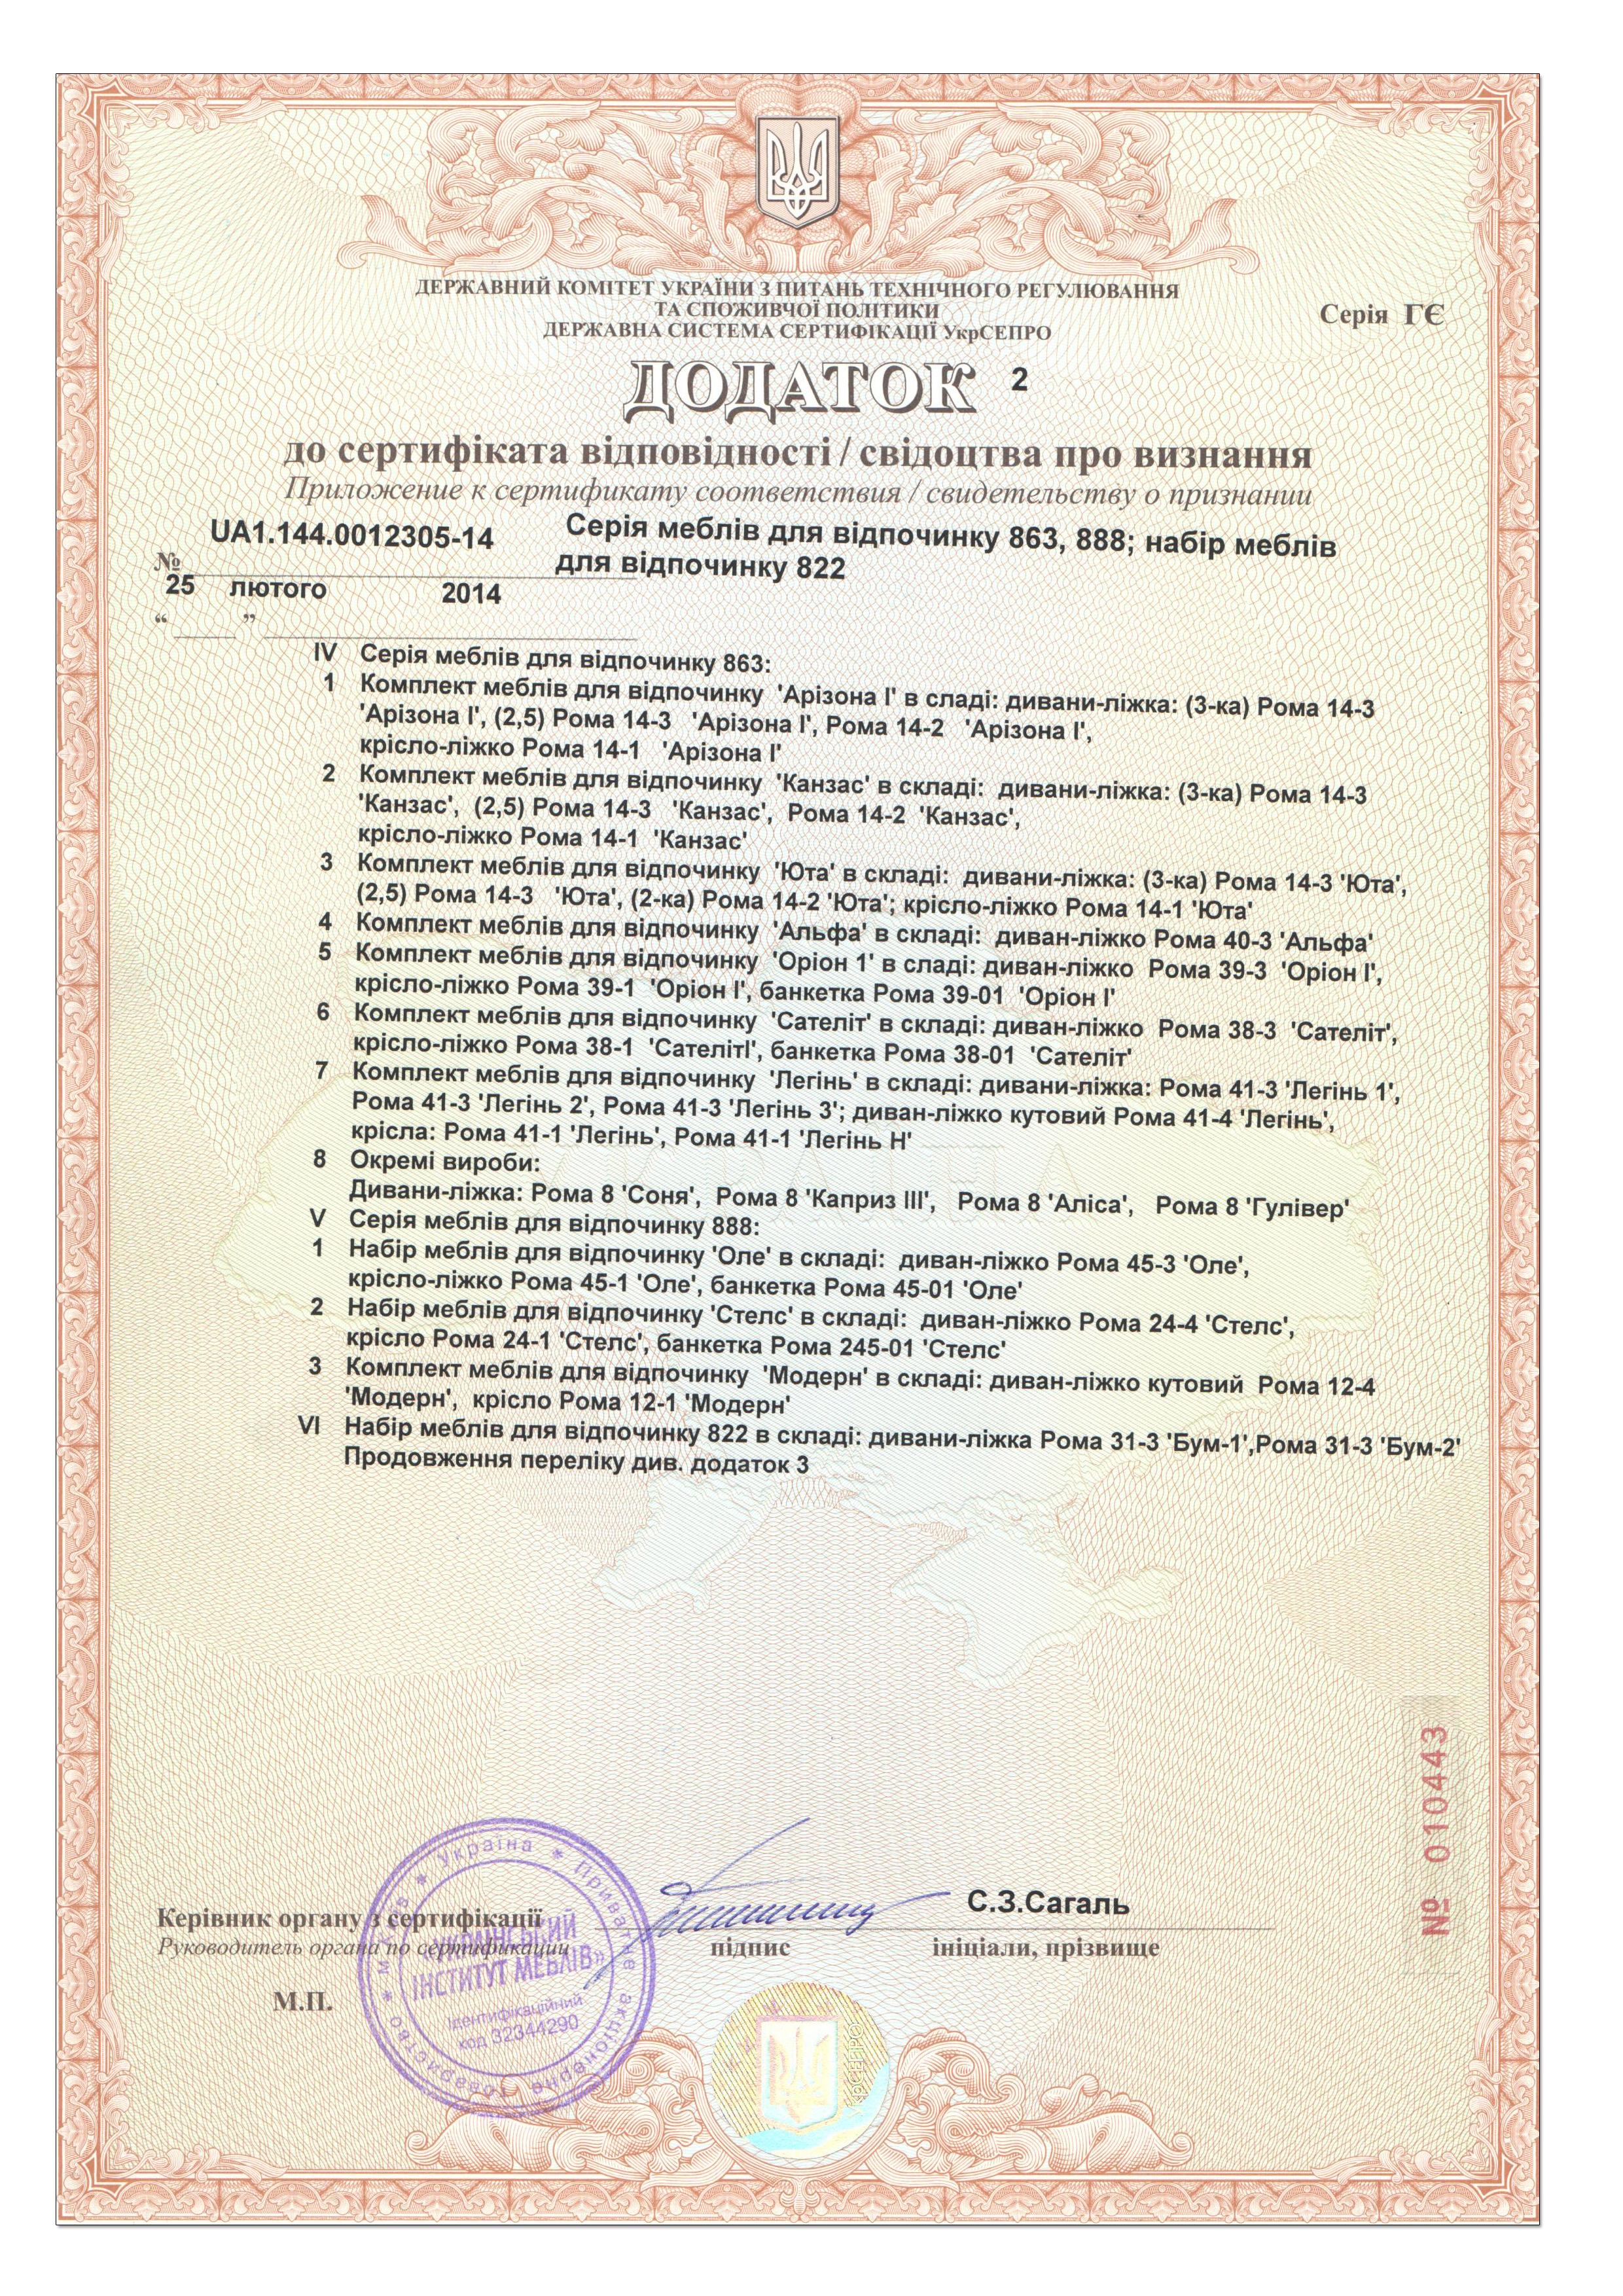 Сертификат соответствия диванов Рата